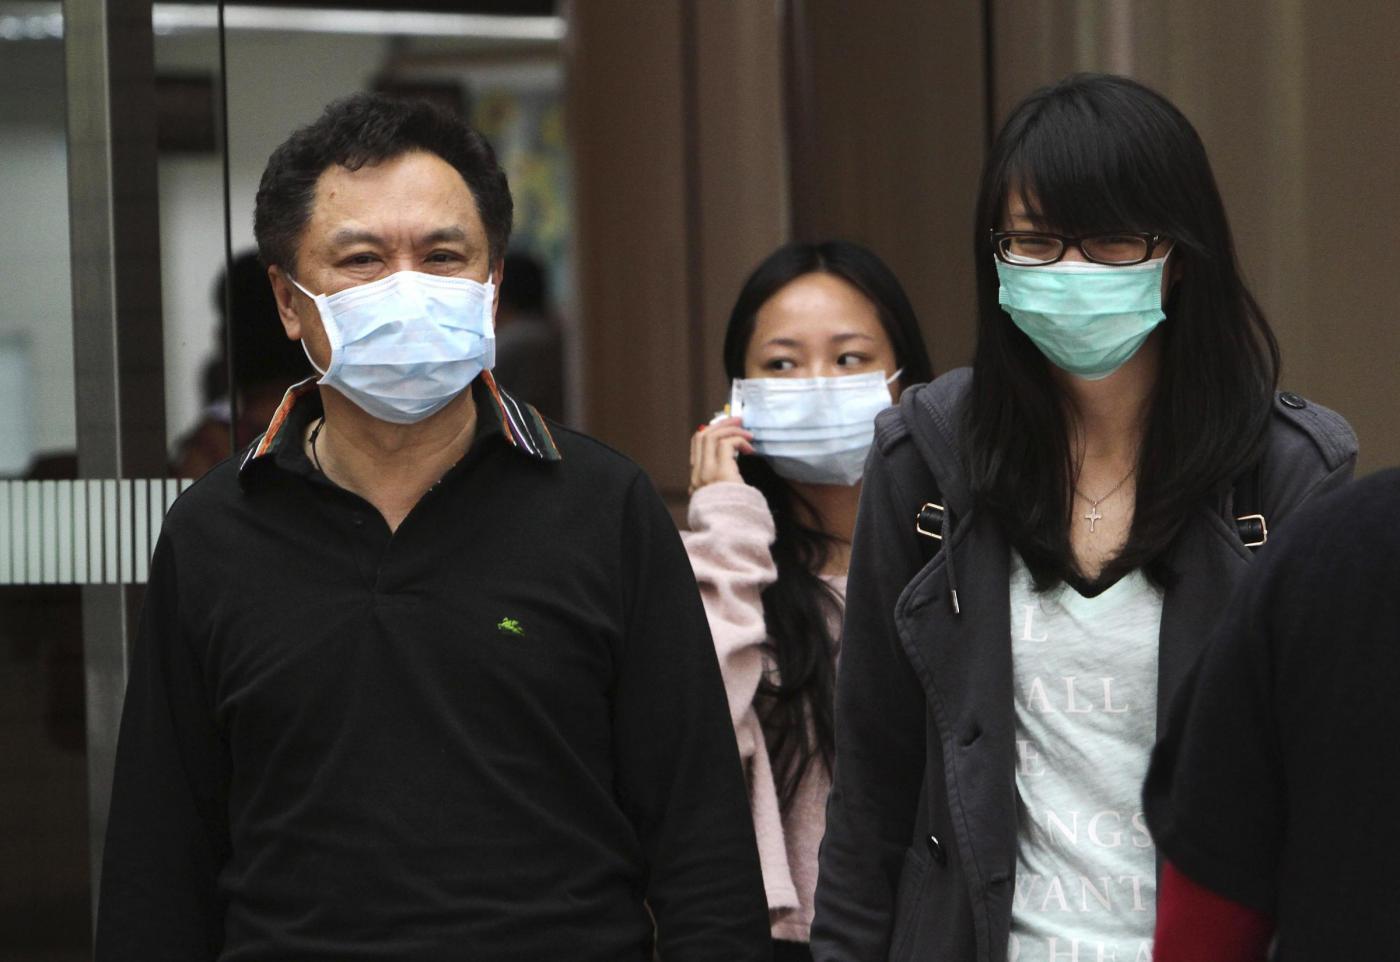 """L'allarme dell'esperto: """"L'H7N9 potrebbe mutare e trasmettersi da uomo a uomo"""""""